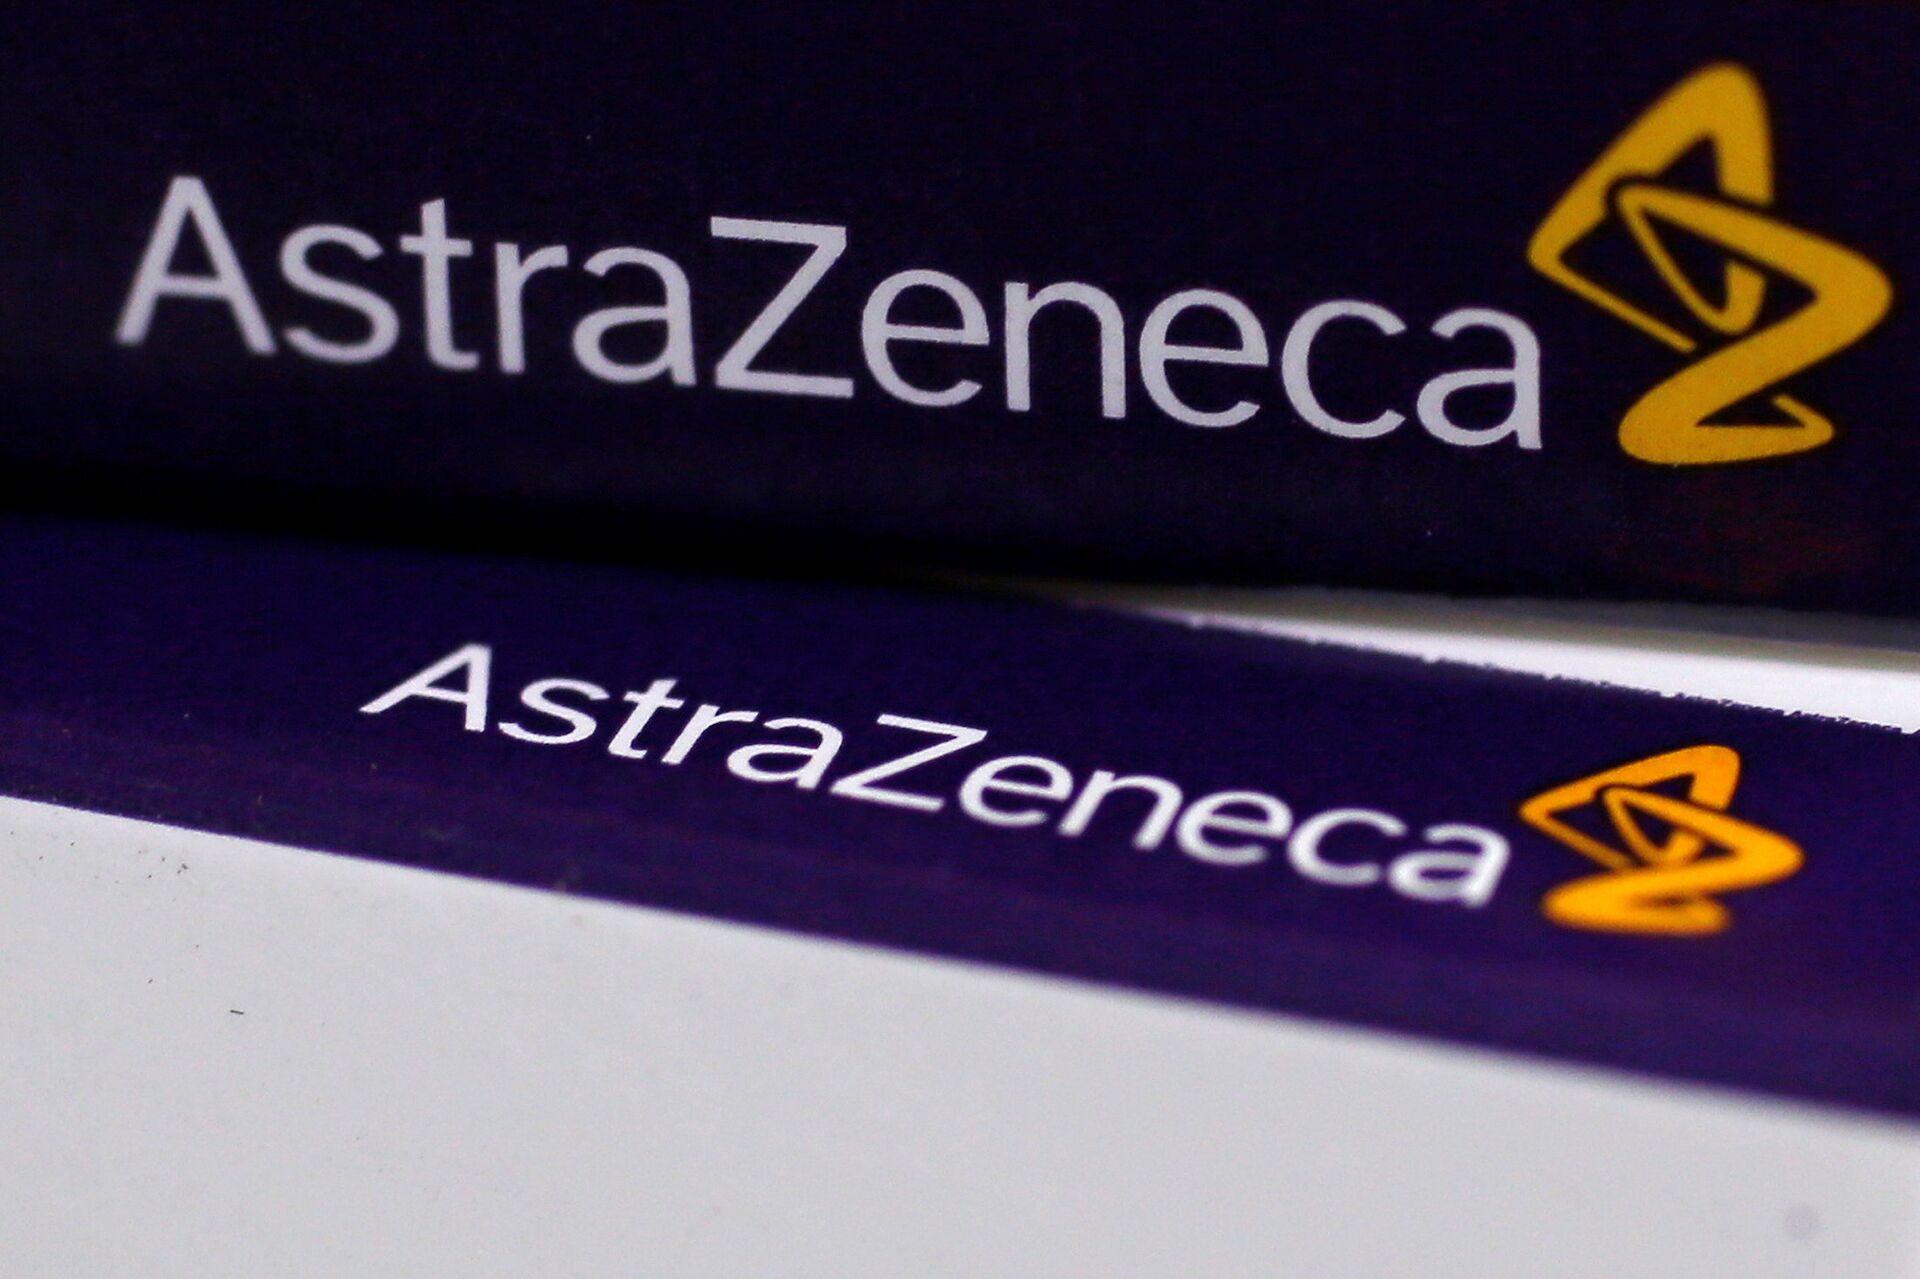 Vaccino AstraZeneca, si va all'allargamento fino ai 65 anni - Sputnik Italia, 1920, 16.02.2021